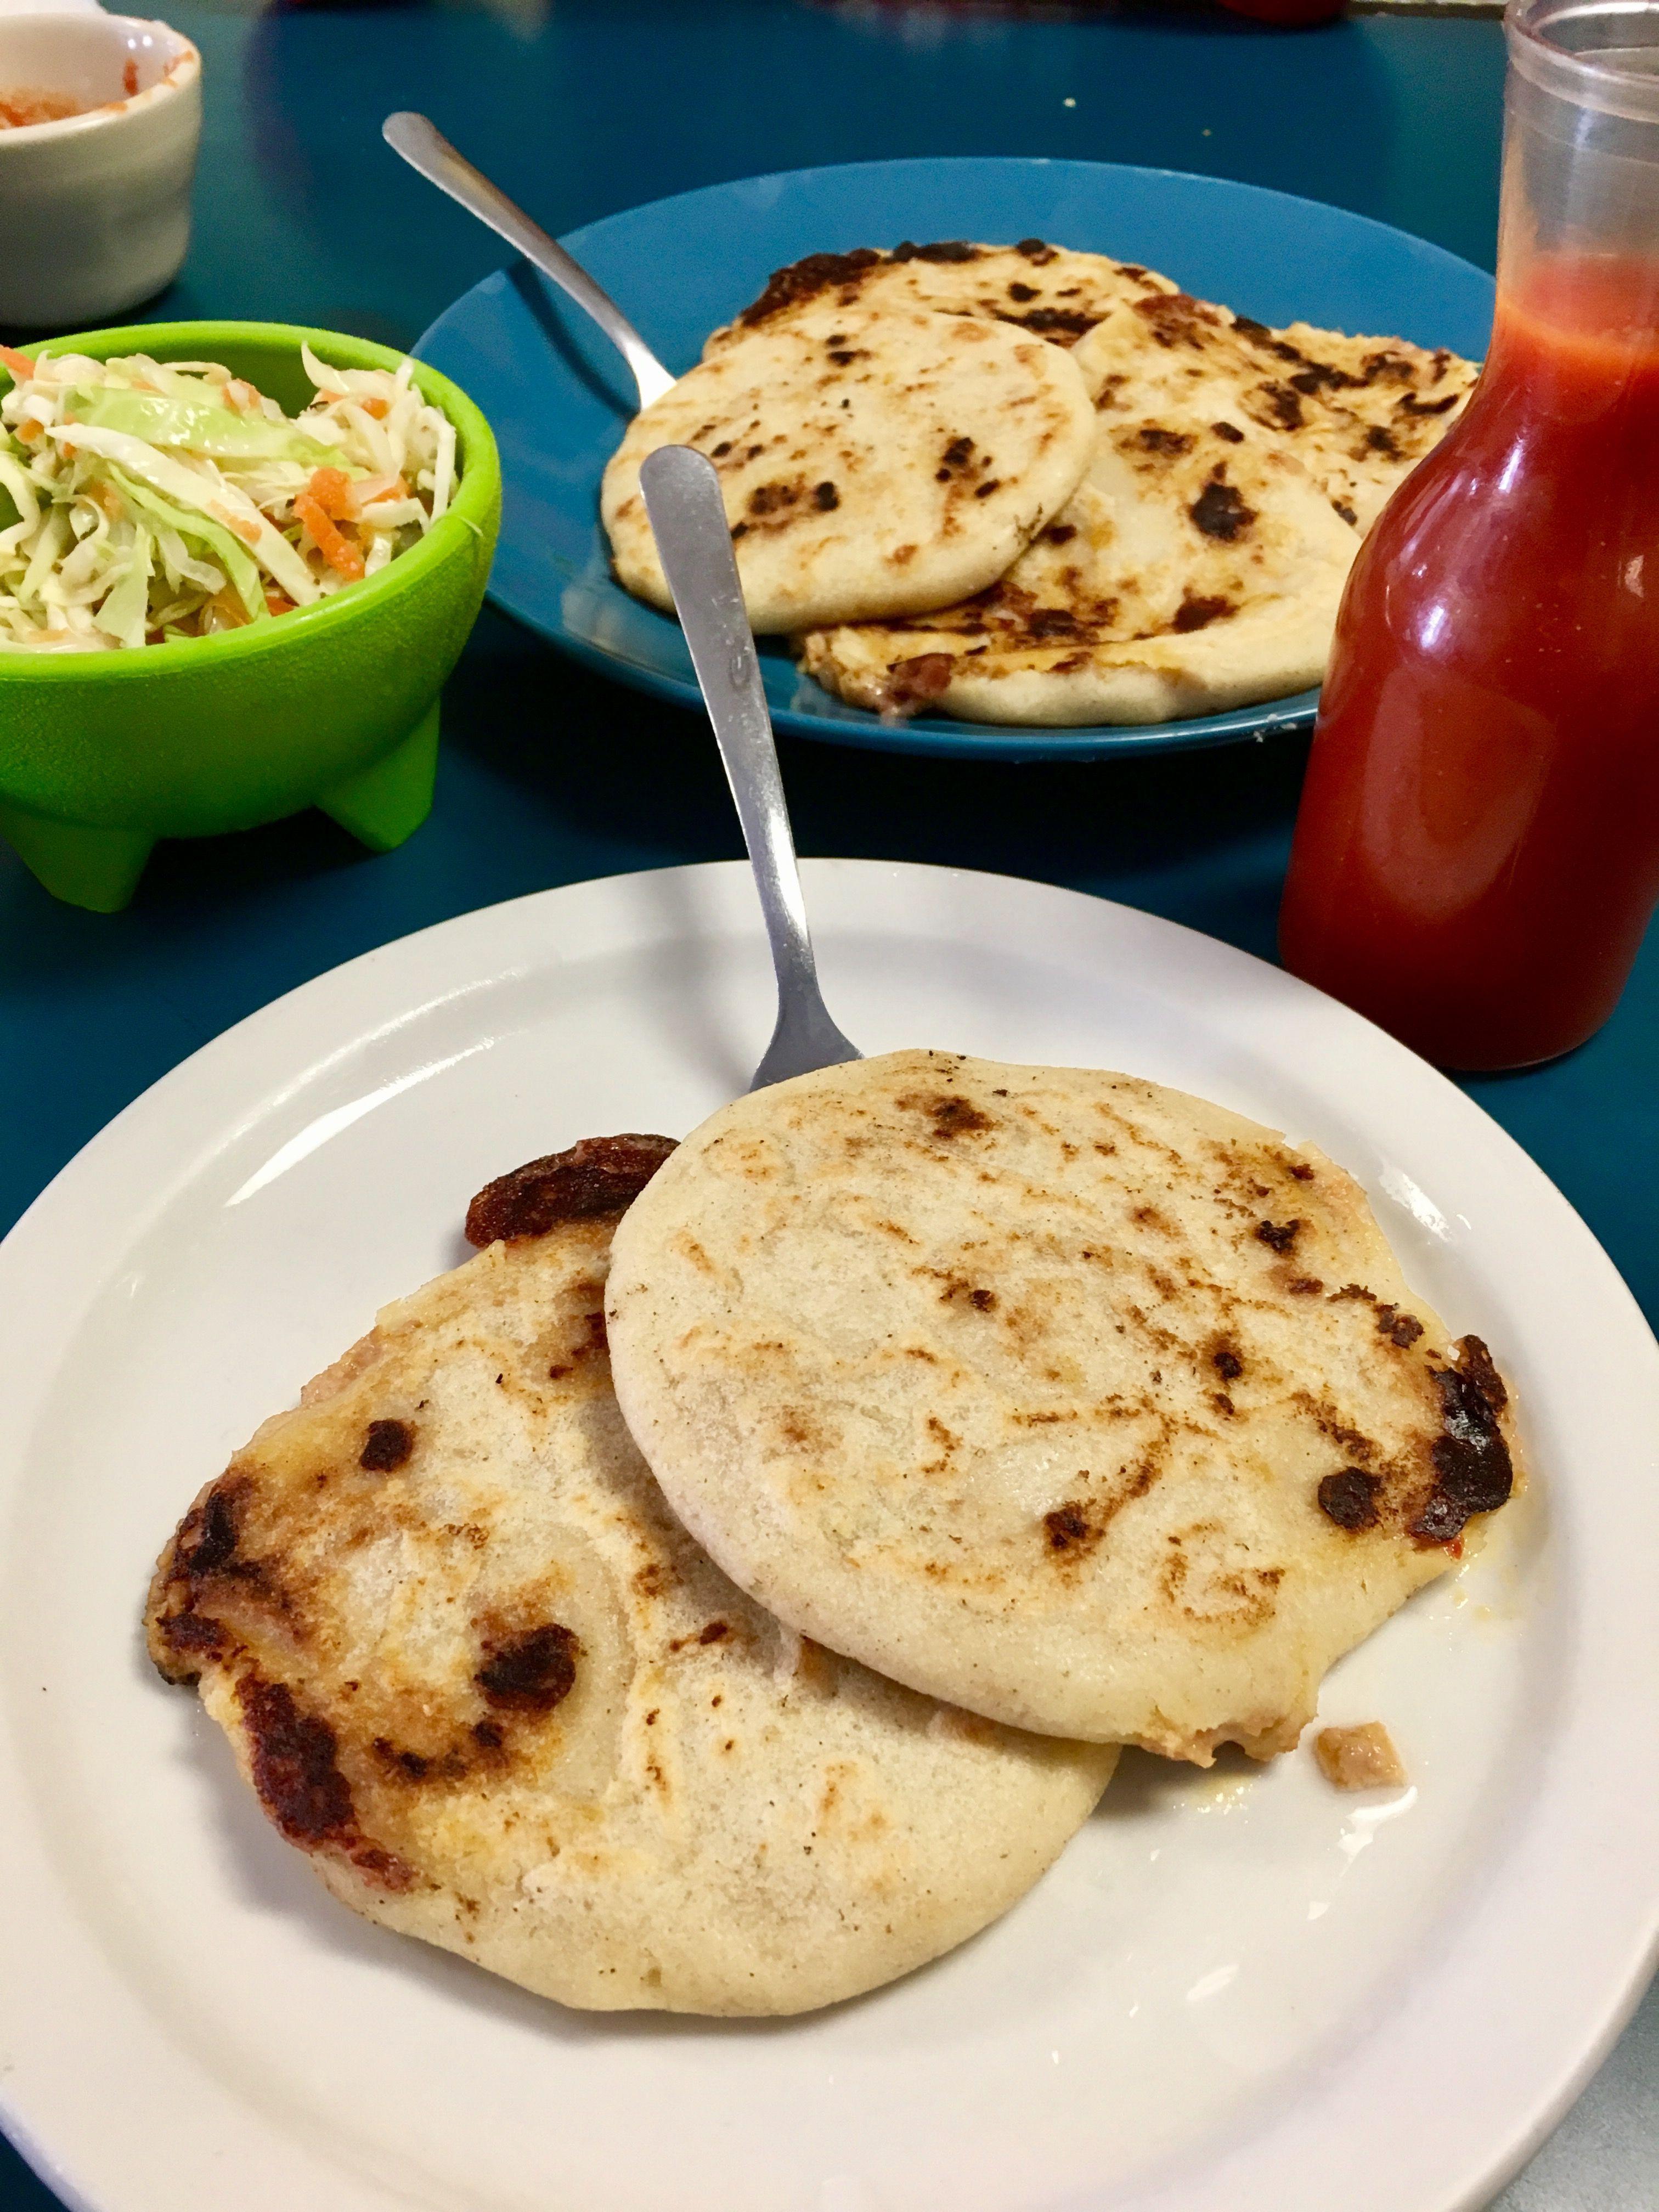 Salvadoran Pupusas con Curtido   Recipe   Food recipes ...Salvadoran Pupusas Con Curtido